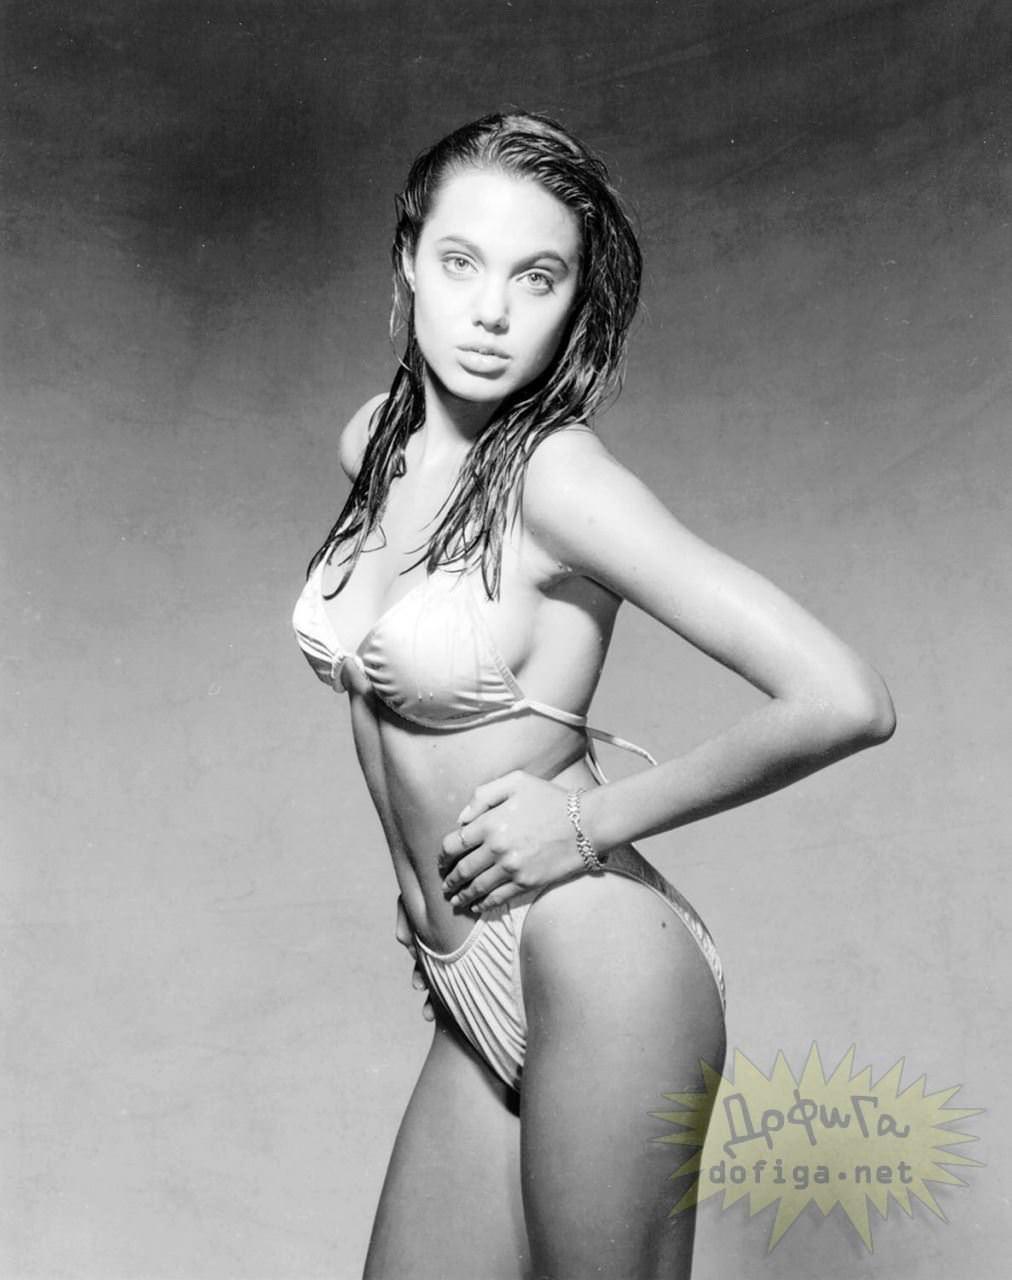 【外人】世界トップレベルの美女アンジェリーナ·ジョリー(Angelina Jolie)のポルノ画像 14164